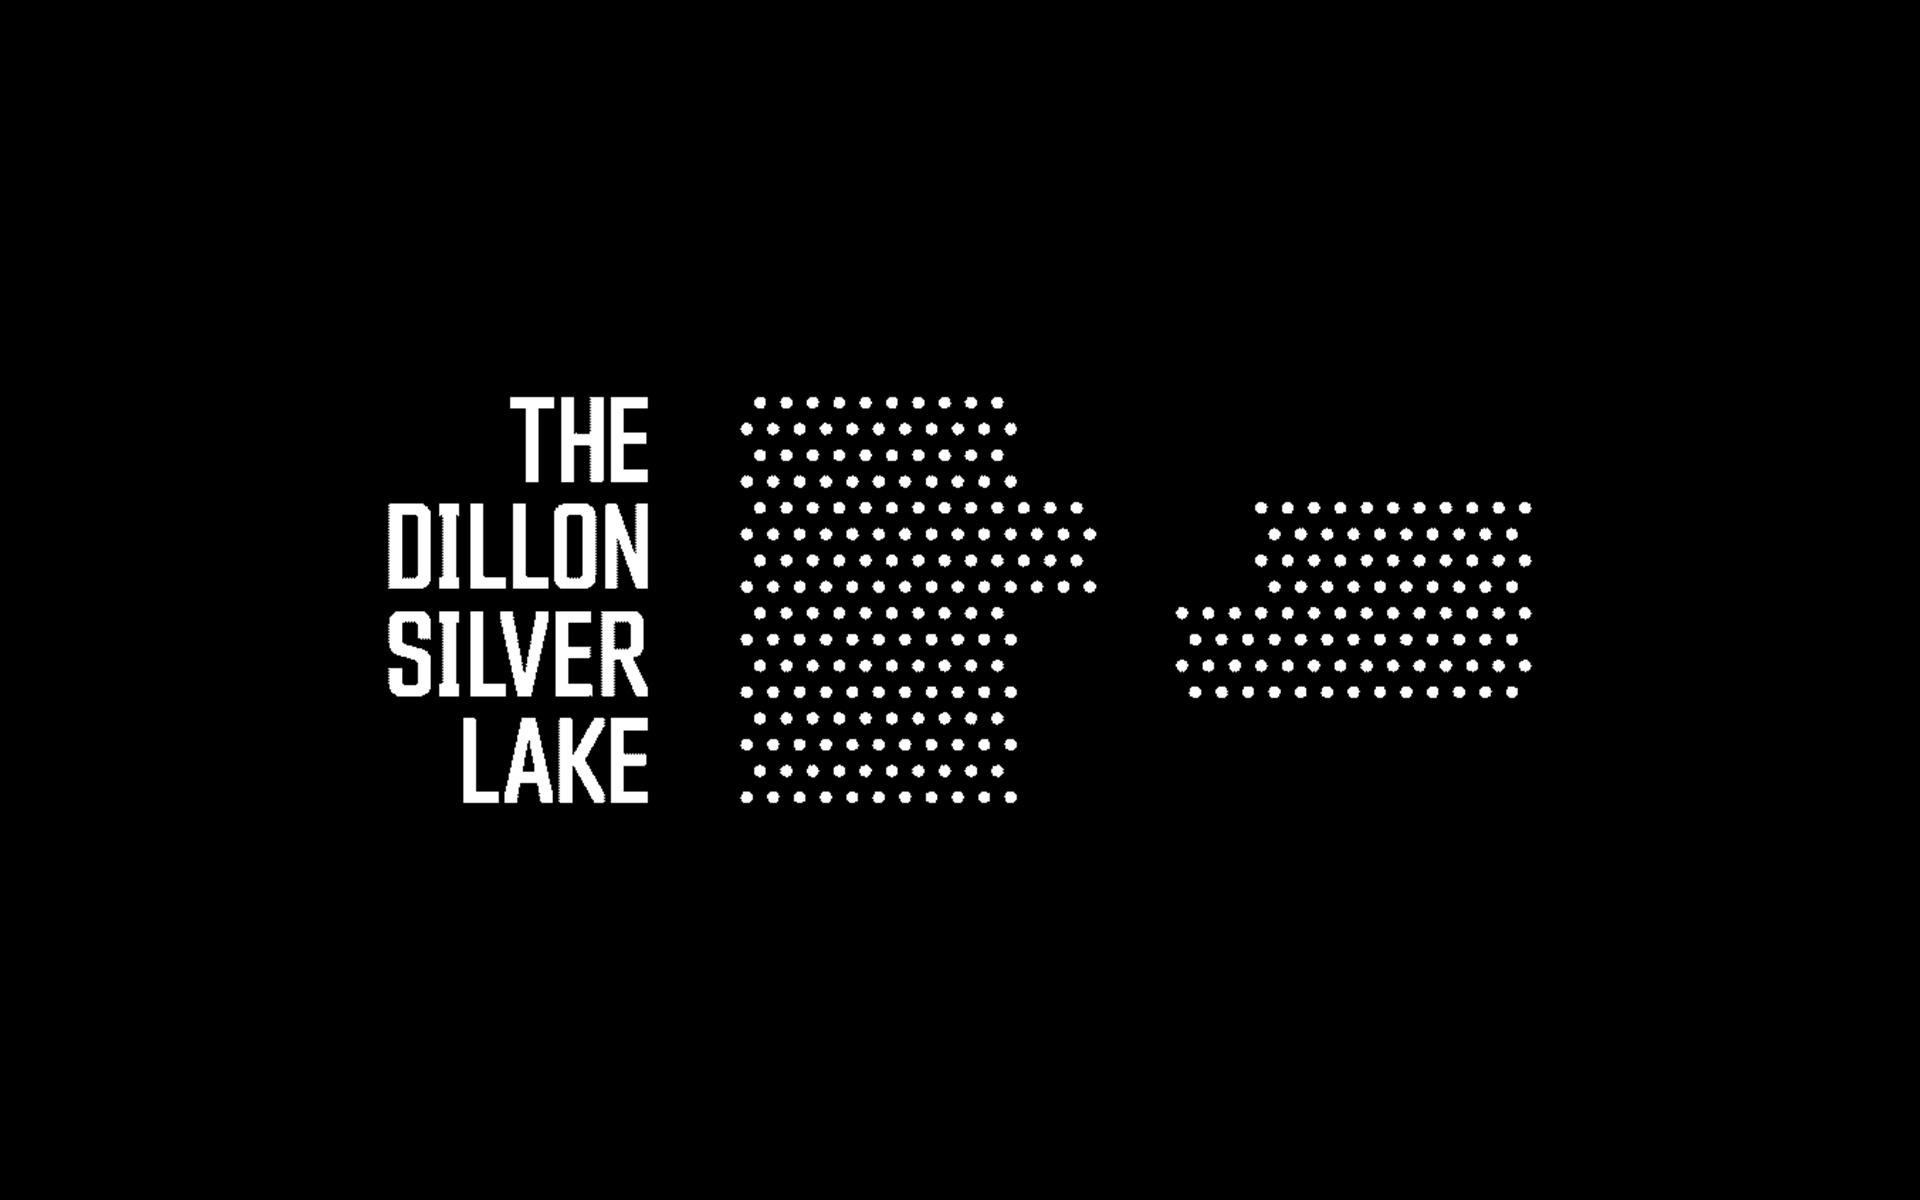 The Dillon